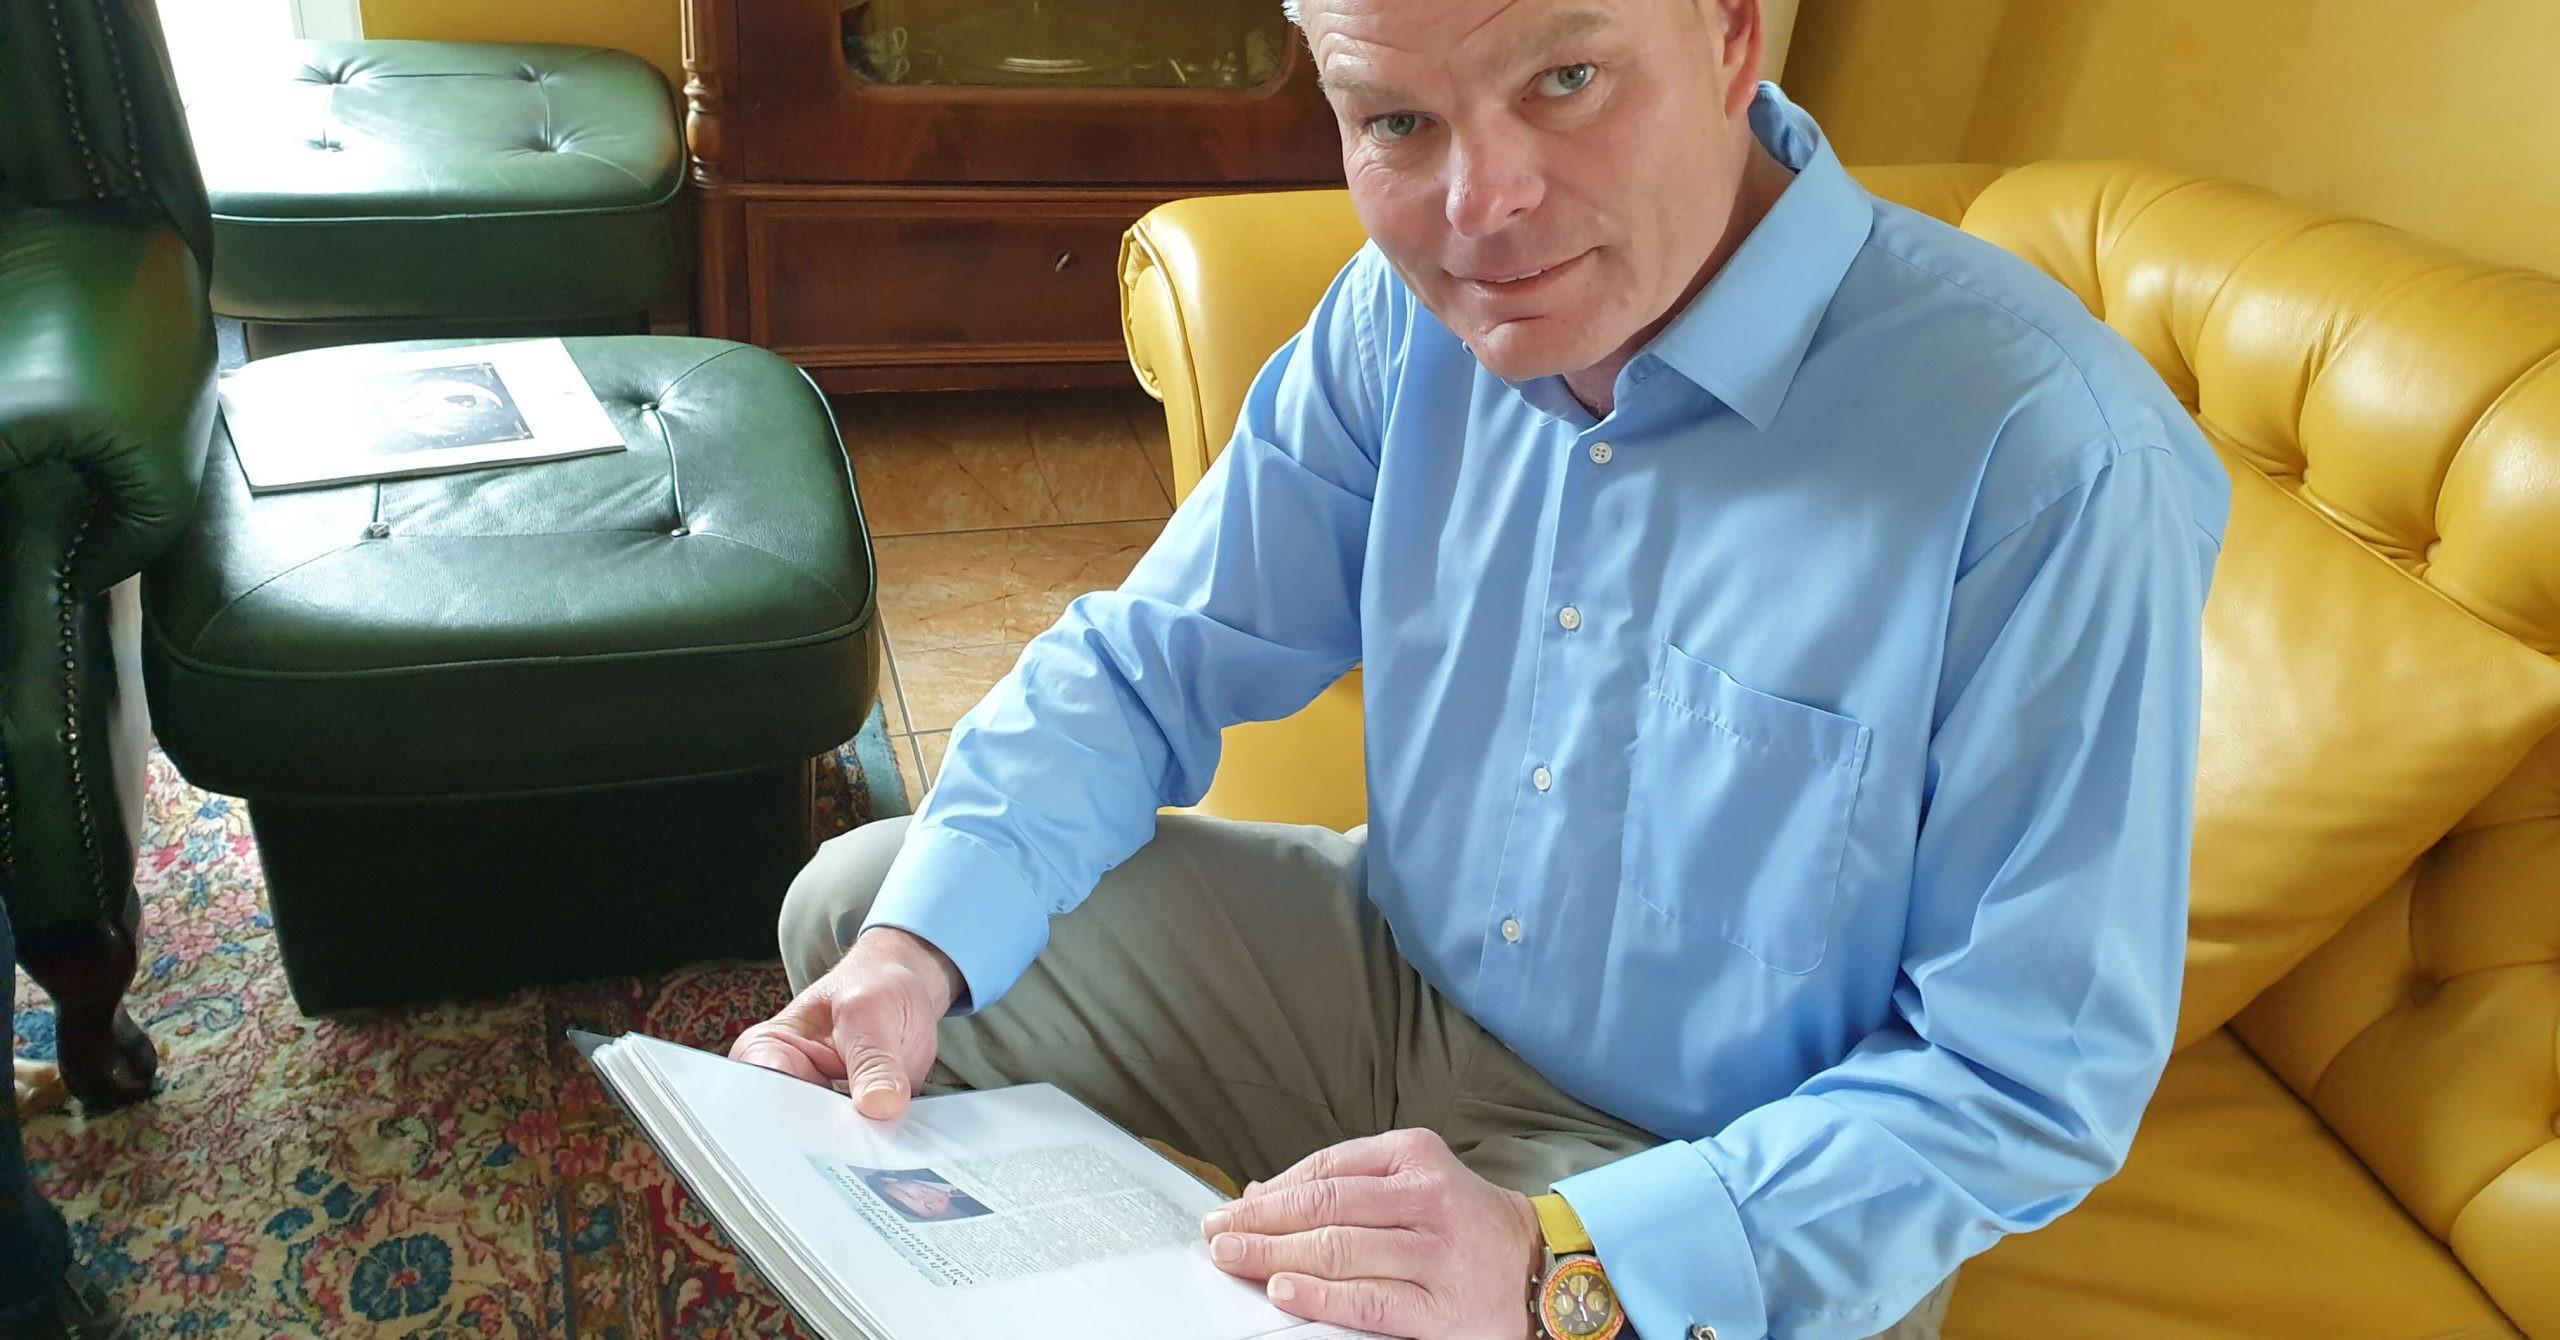 Holger Stahlknecht - Landtagswahl Sachsen-Anhalt 2021